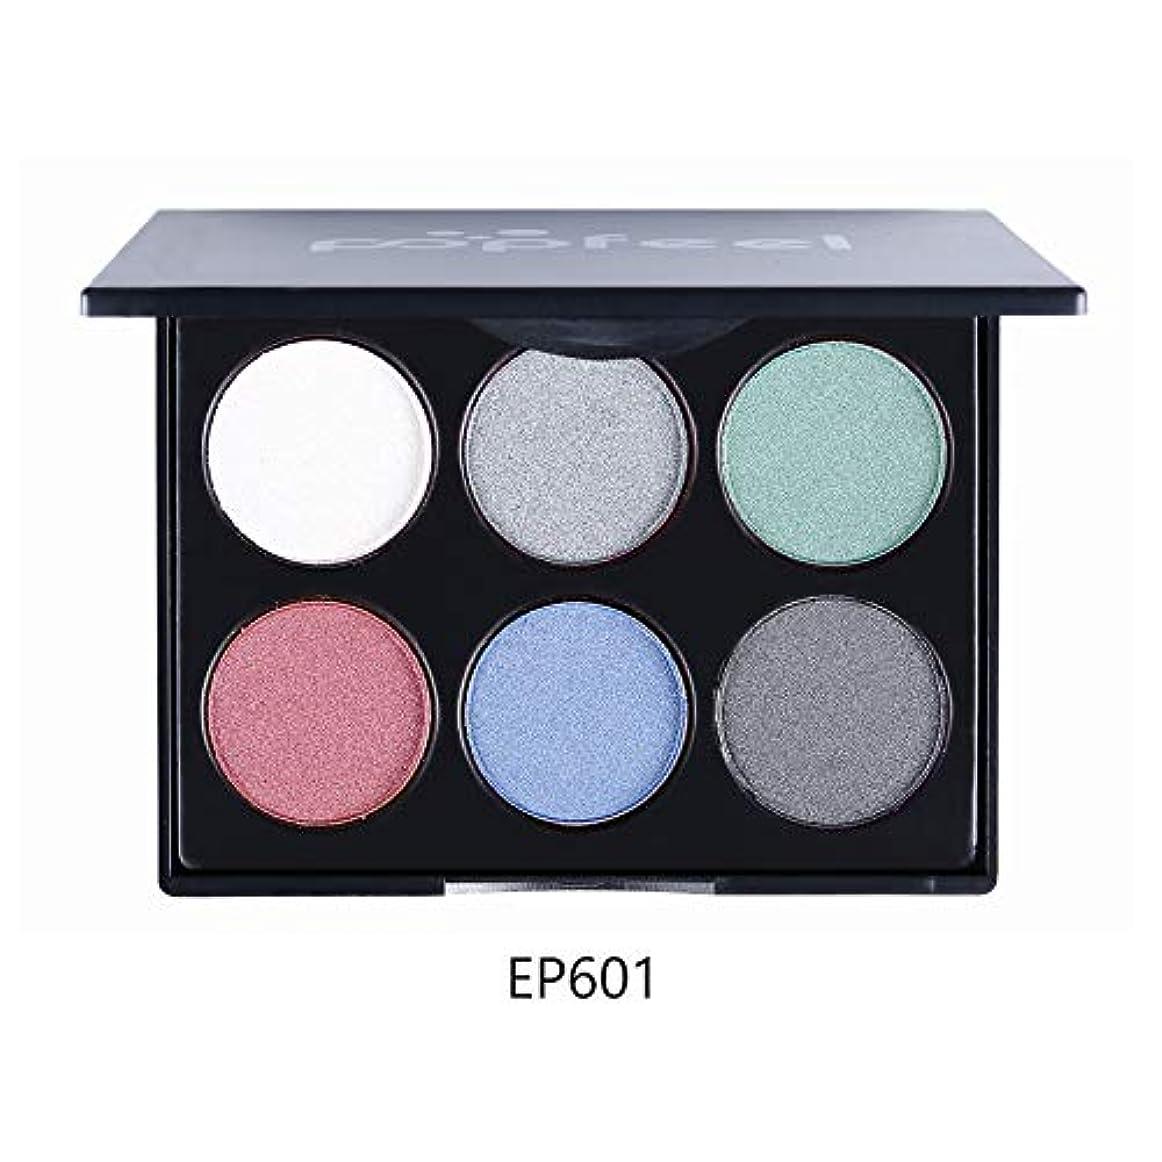 感嘆符取り替えるハムRabugoo 6色マルチカラーアイシャドウパレットビーズマットアイシャドウ化粧品メイクアップ EP6#1